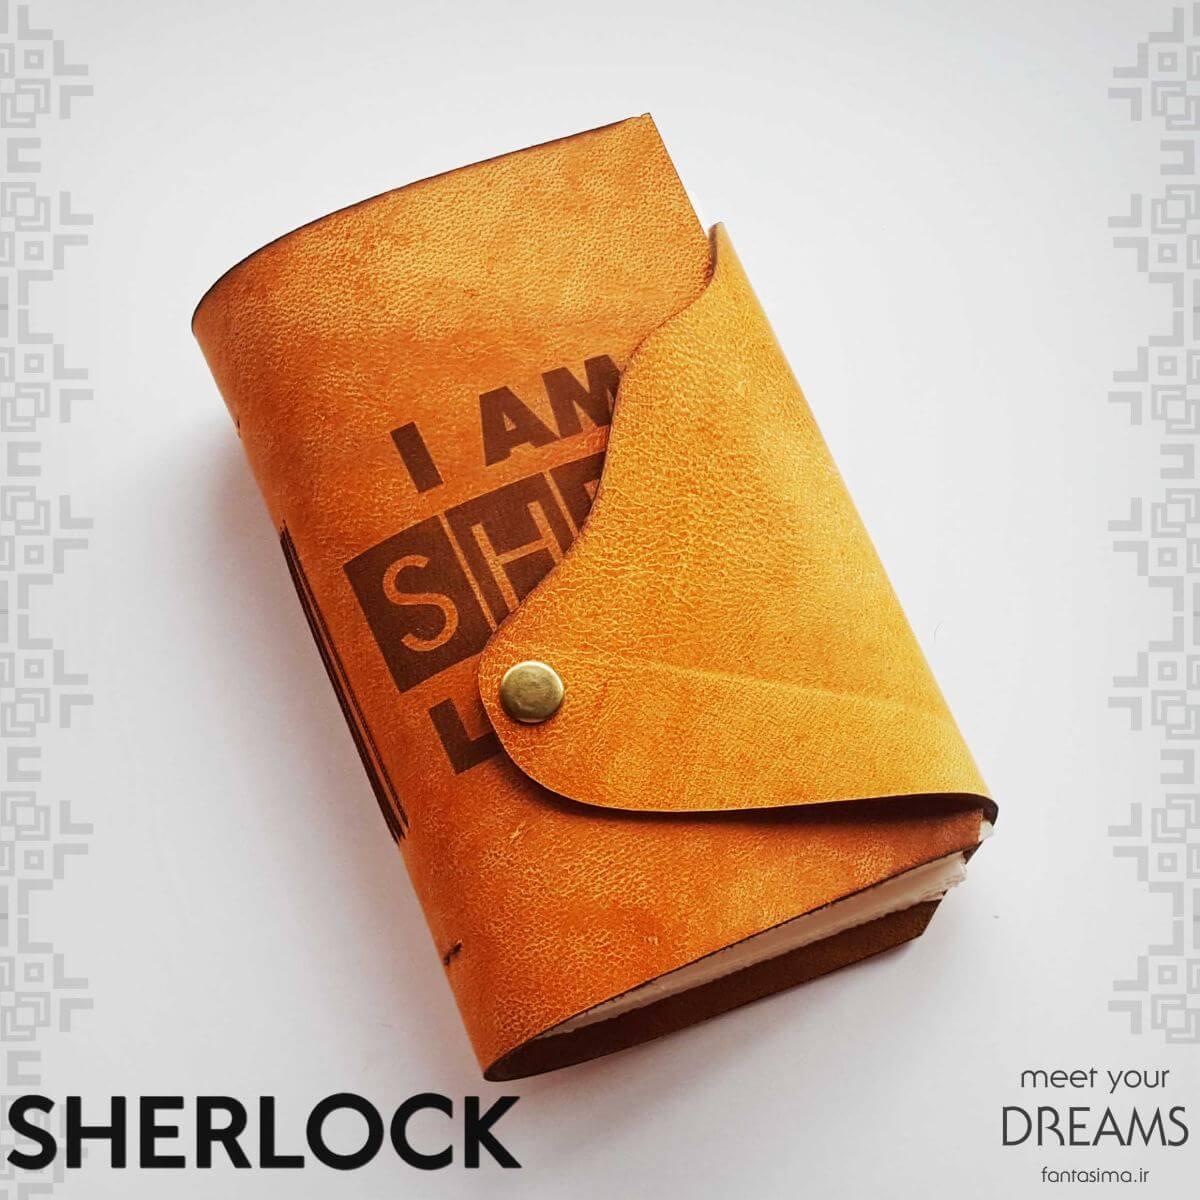 فانتزیآرت دفترچه چرمی شرلوک